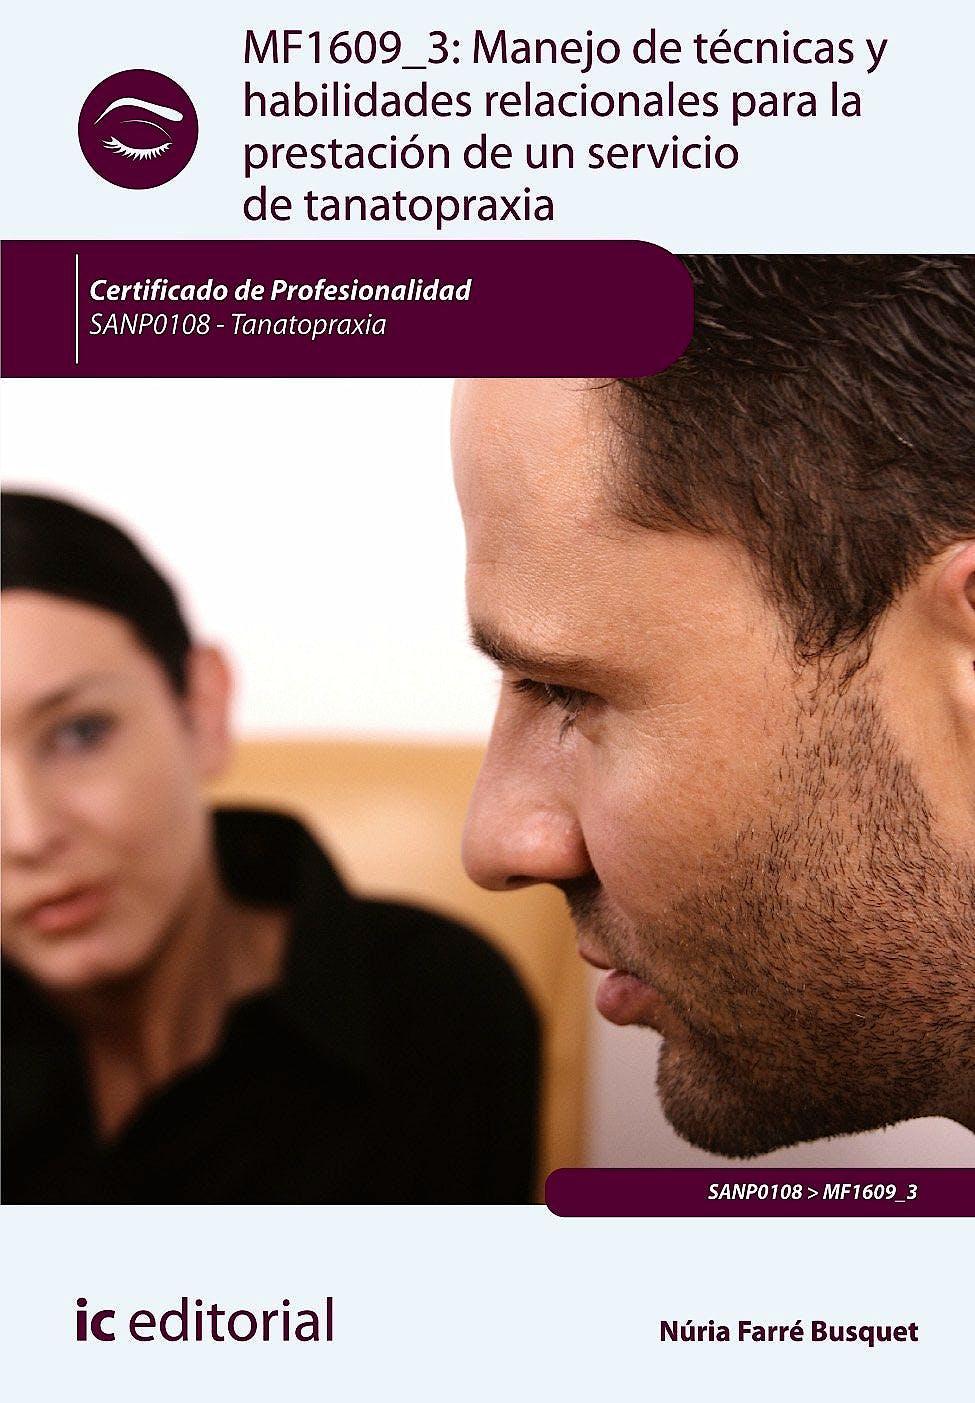 Portada del libro 9788415942474 Manejo de Tecnicas y Habilidades Relacionales para la Prestacion de un Servicio de Tanatopraxia - Mf1609_3